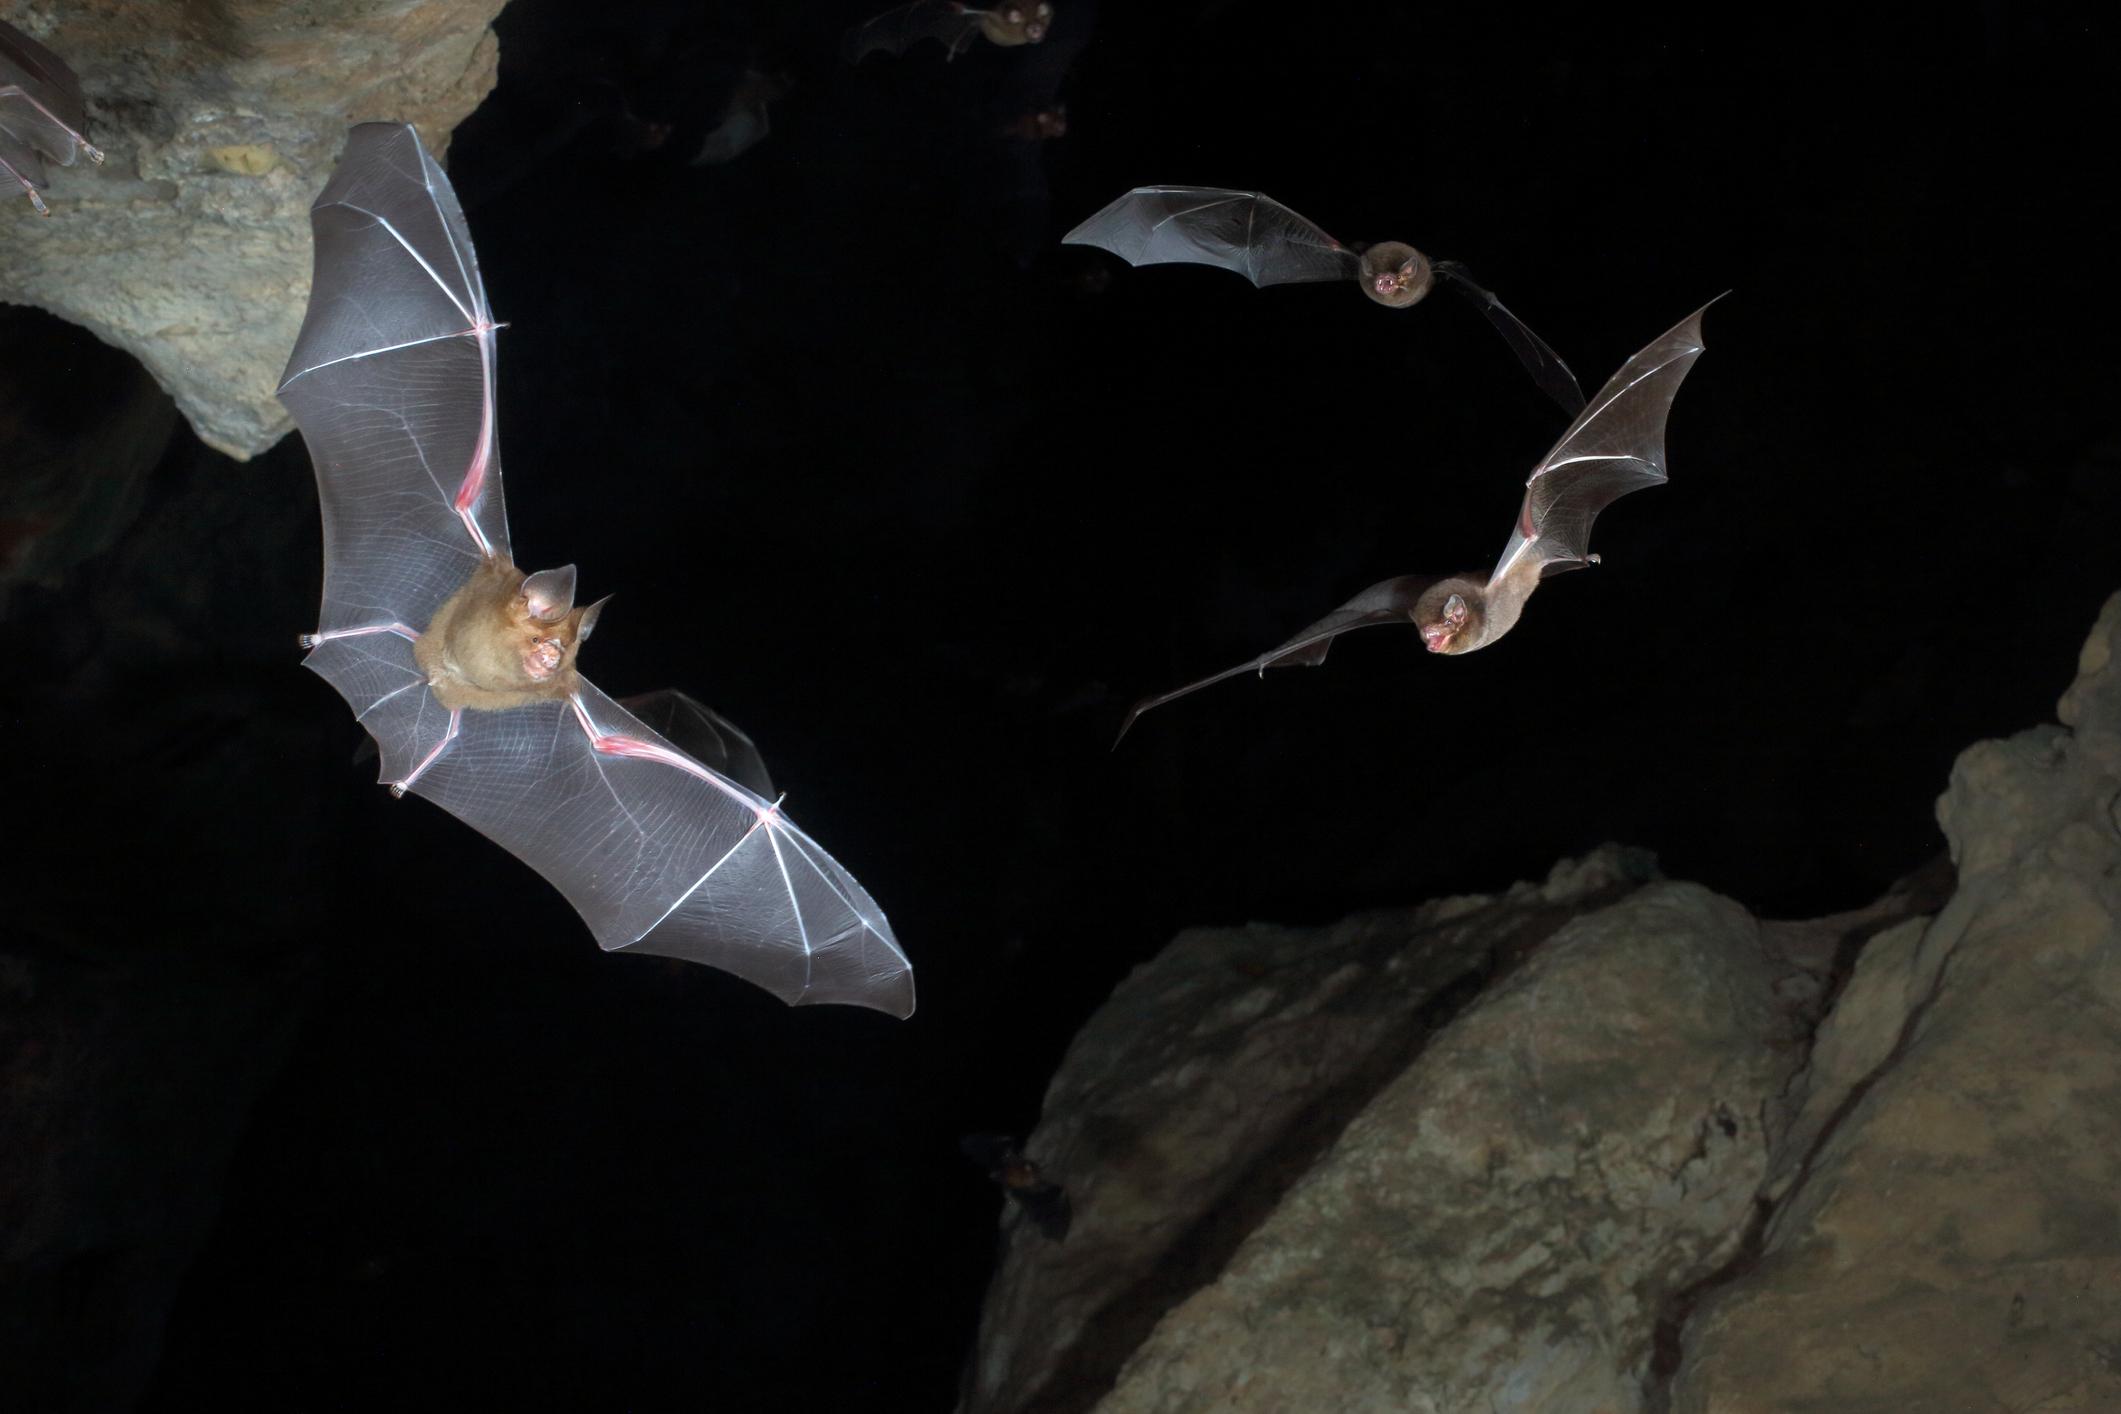 Летучие мыши оказались искусными планеристами